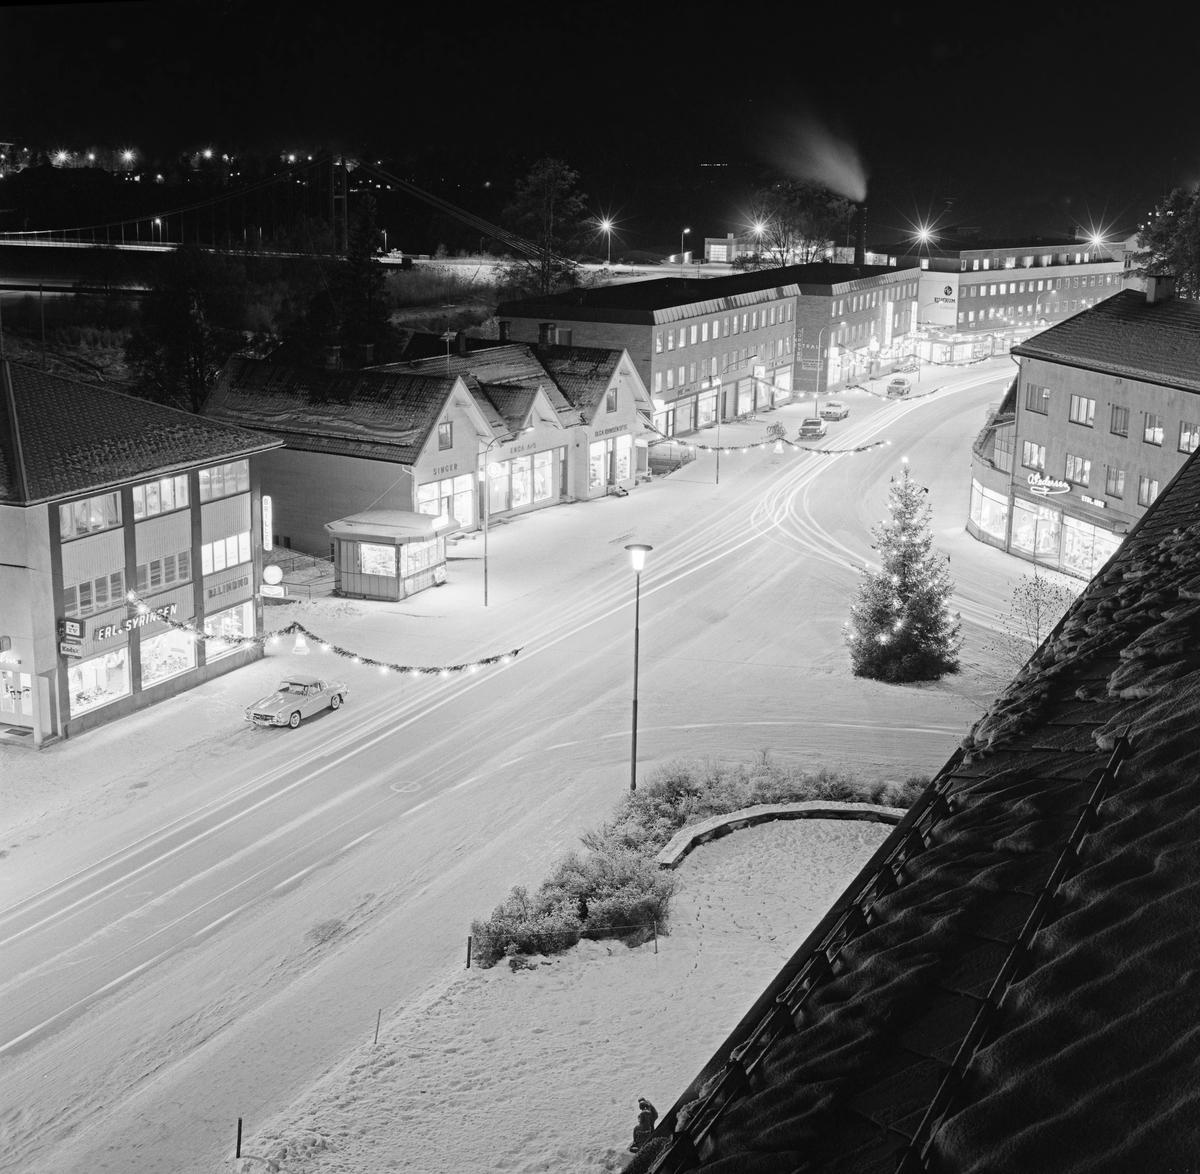 Vinterbilde fra Storgata i Elverum i Hedmark, antakelig tatt en kveld like før jul i 1968.  Fotografiet er tatt fra tårnet i rådhuset, nordover tettstedets hovedgate, som på dette tidspunktet lå «badet» i lys fra gatelykter og bygninger, med noen få parkerte biler langs fortauskantene, men ellers helt uten trafikk.  Det sto ei julegran i krysset mellom Storgata og St. Olavs gate, og Storgata var prydet med ranker av gran, ispedd lyspunkter, som hang på tvers av gateløpet.  Med unntak av Smedstua eller Bekk, det trefløyete trehuset som sto vis a vis St. Olavs gates møte med Storgata, var bebyggelsen langs gateløpet preget av funkispreget bebyggelse, reist åra etter 2. verdenskrig, som en konsekvens av at kommunesenteret i Elverum ble bomberammet i forbindelse med den tyske okkupasjonen i 1940. (Foto/Photo)